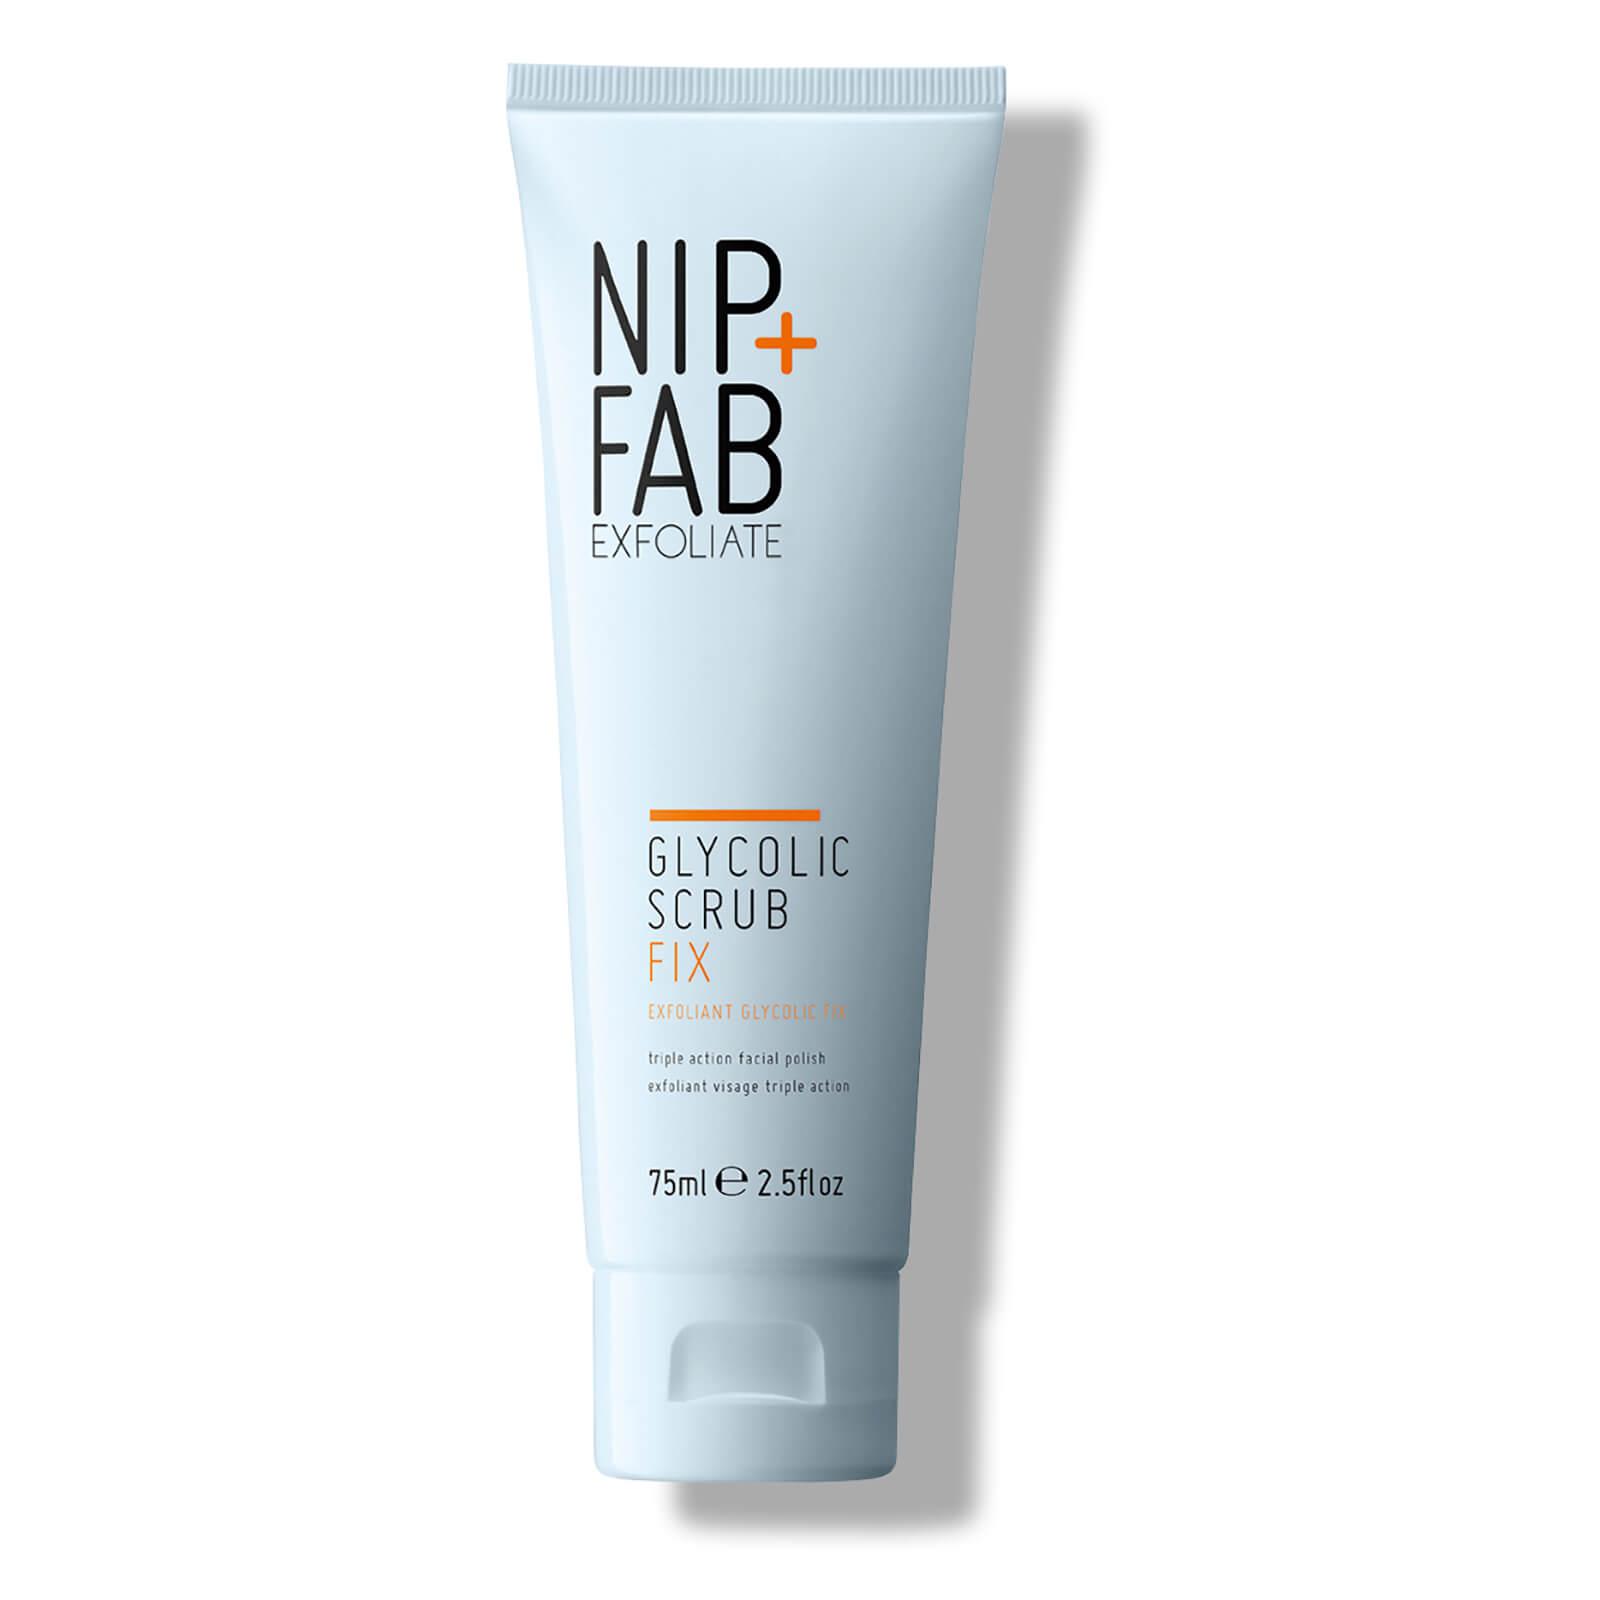 NIP + FAB Glycolic Fix scrub all'acido glicolico